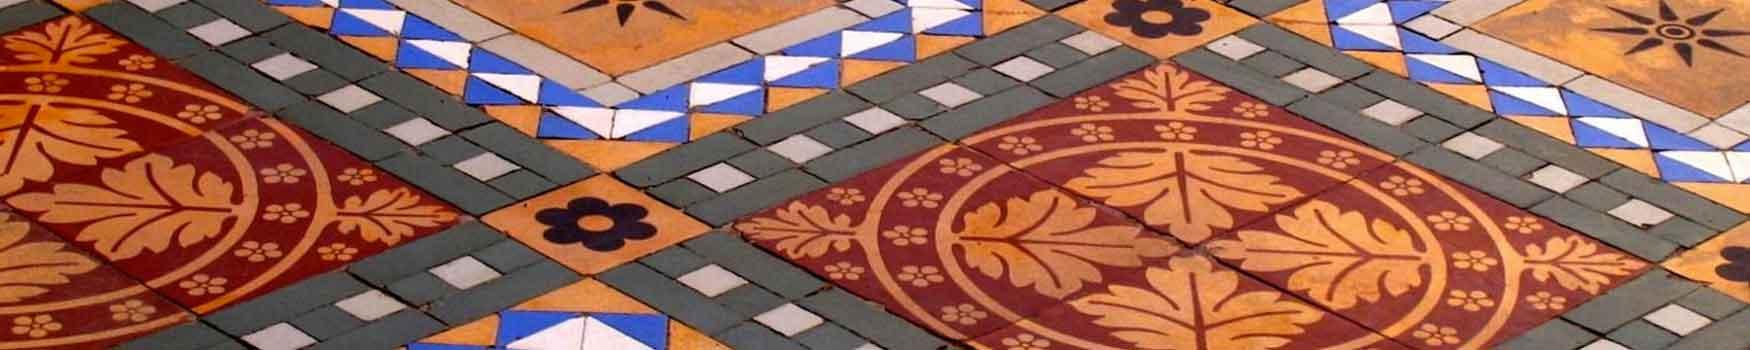 Carrelages mosaïques pour le sol